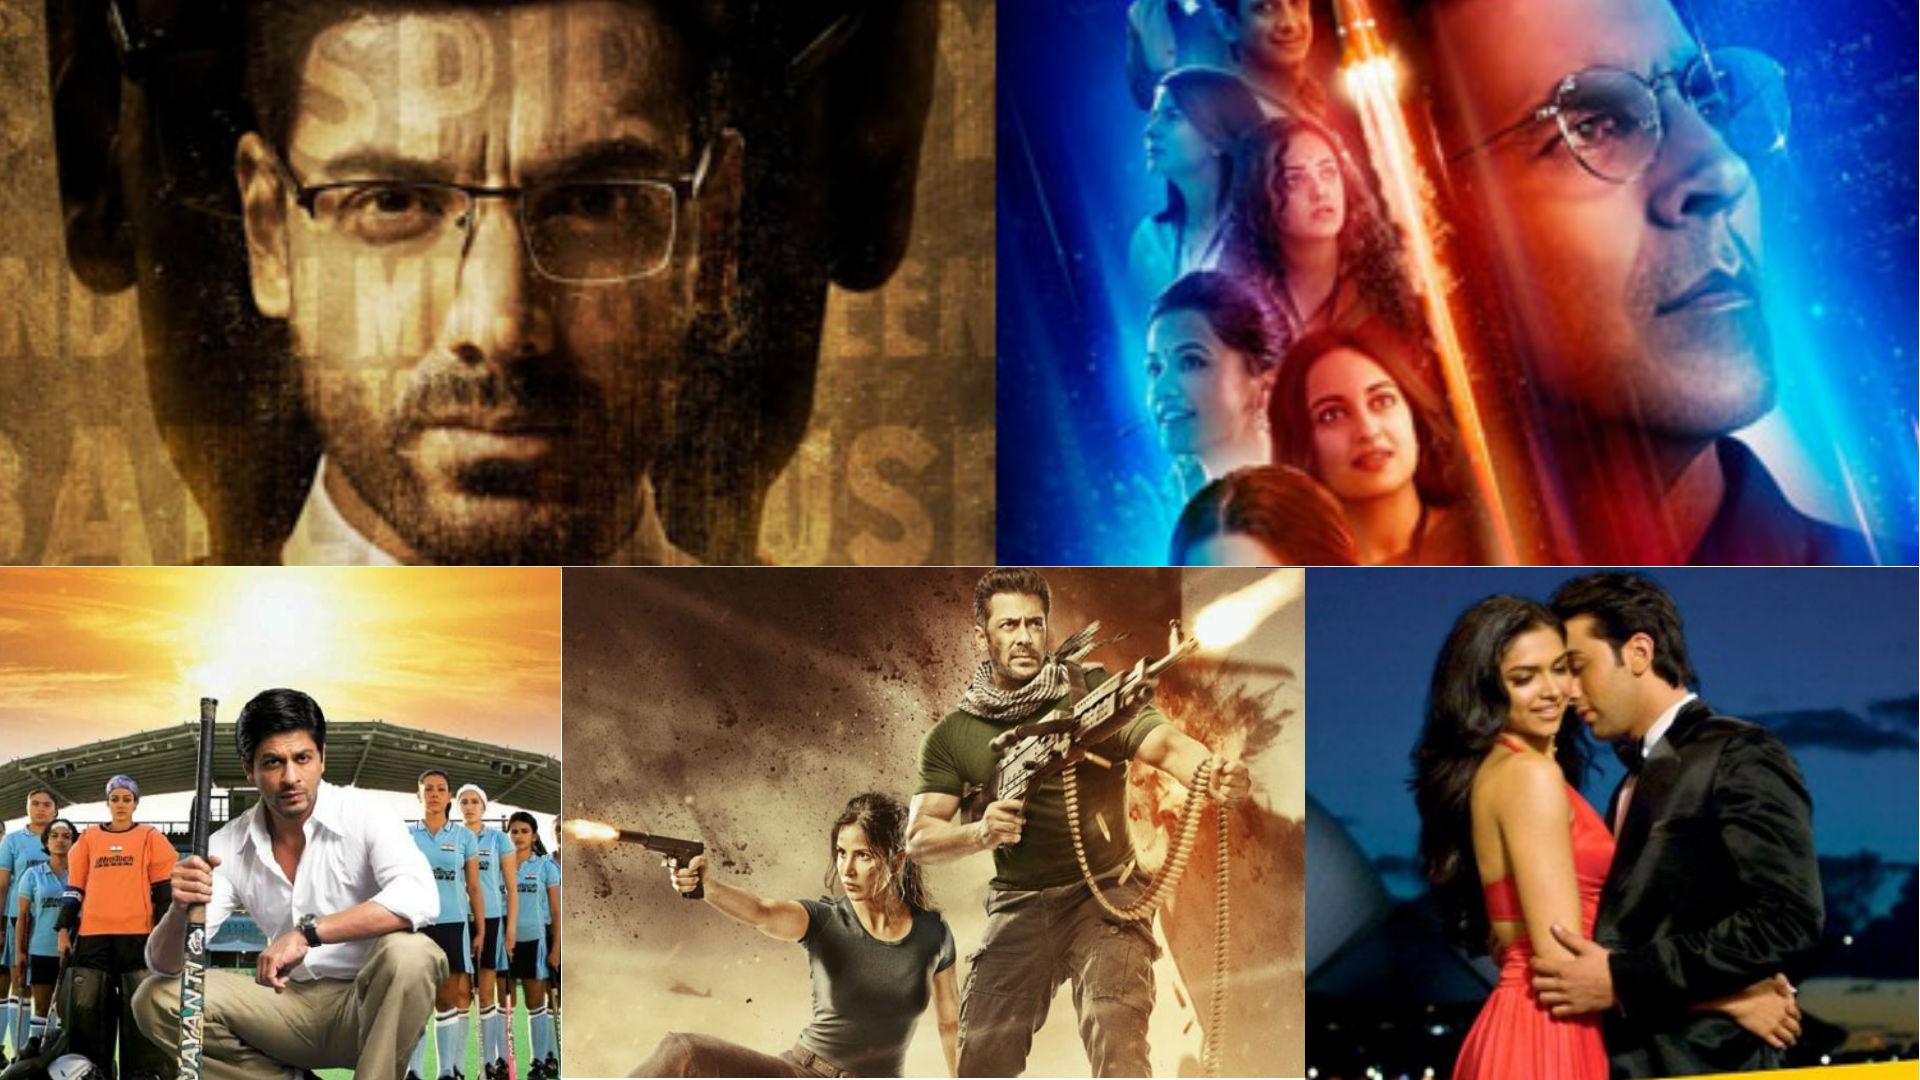 Independence Day 2019: बॉलीवुड के लिए भी किसी त्योहार से कम नहीं है 15 अगस्त, रिलीज हो चुकी हैं ये फिल्में